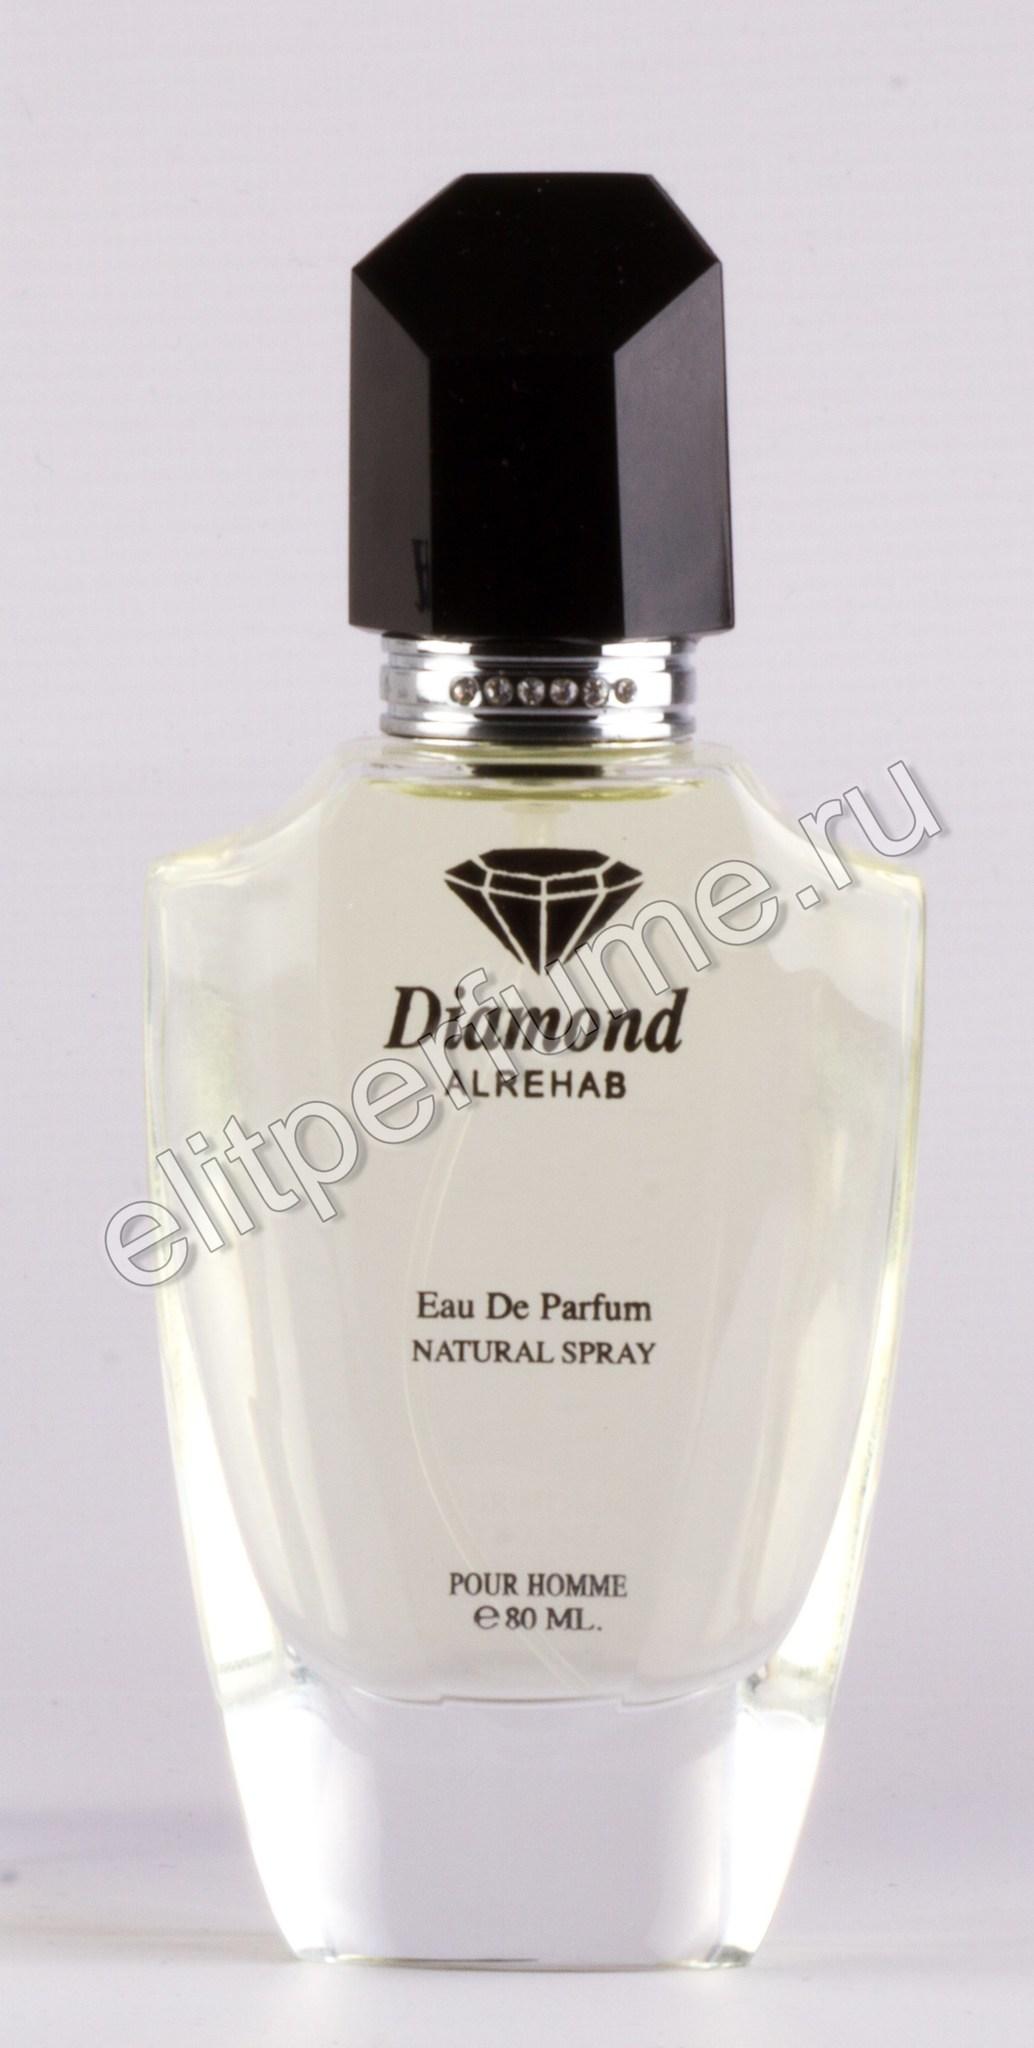 Diamond Silver Даймонд Серебряный 80 мл (мужской) спрей от Аль Рехаб Al Rehab